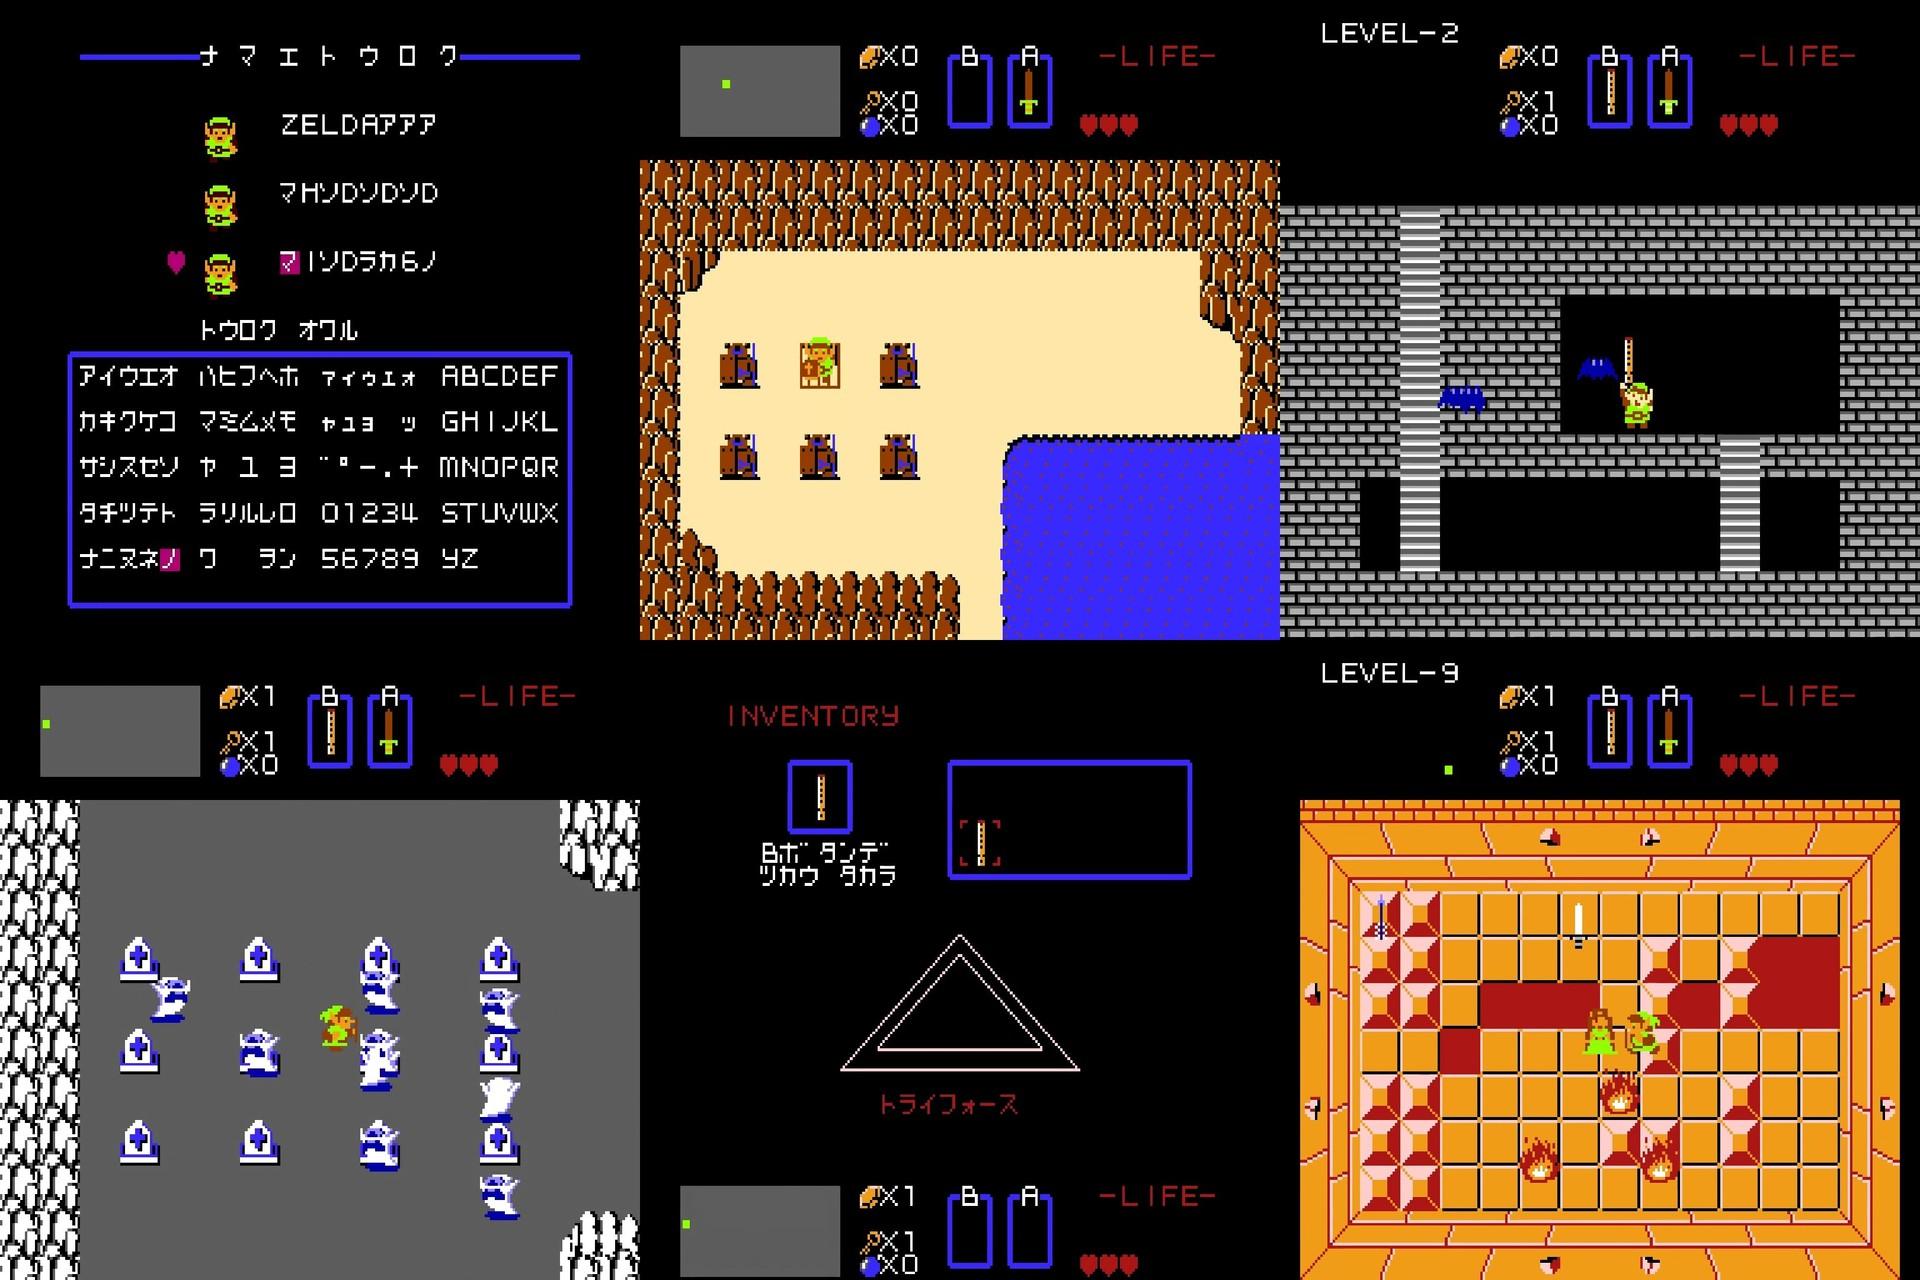 Спидран Legend of Zelda путём манипуляций памятью игры - 2